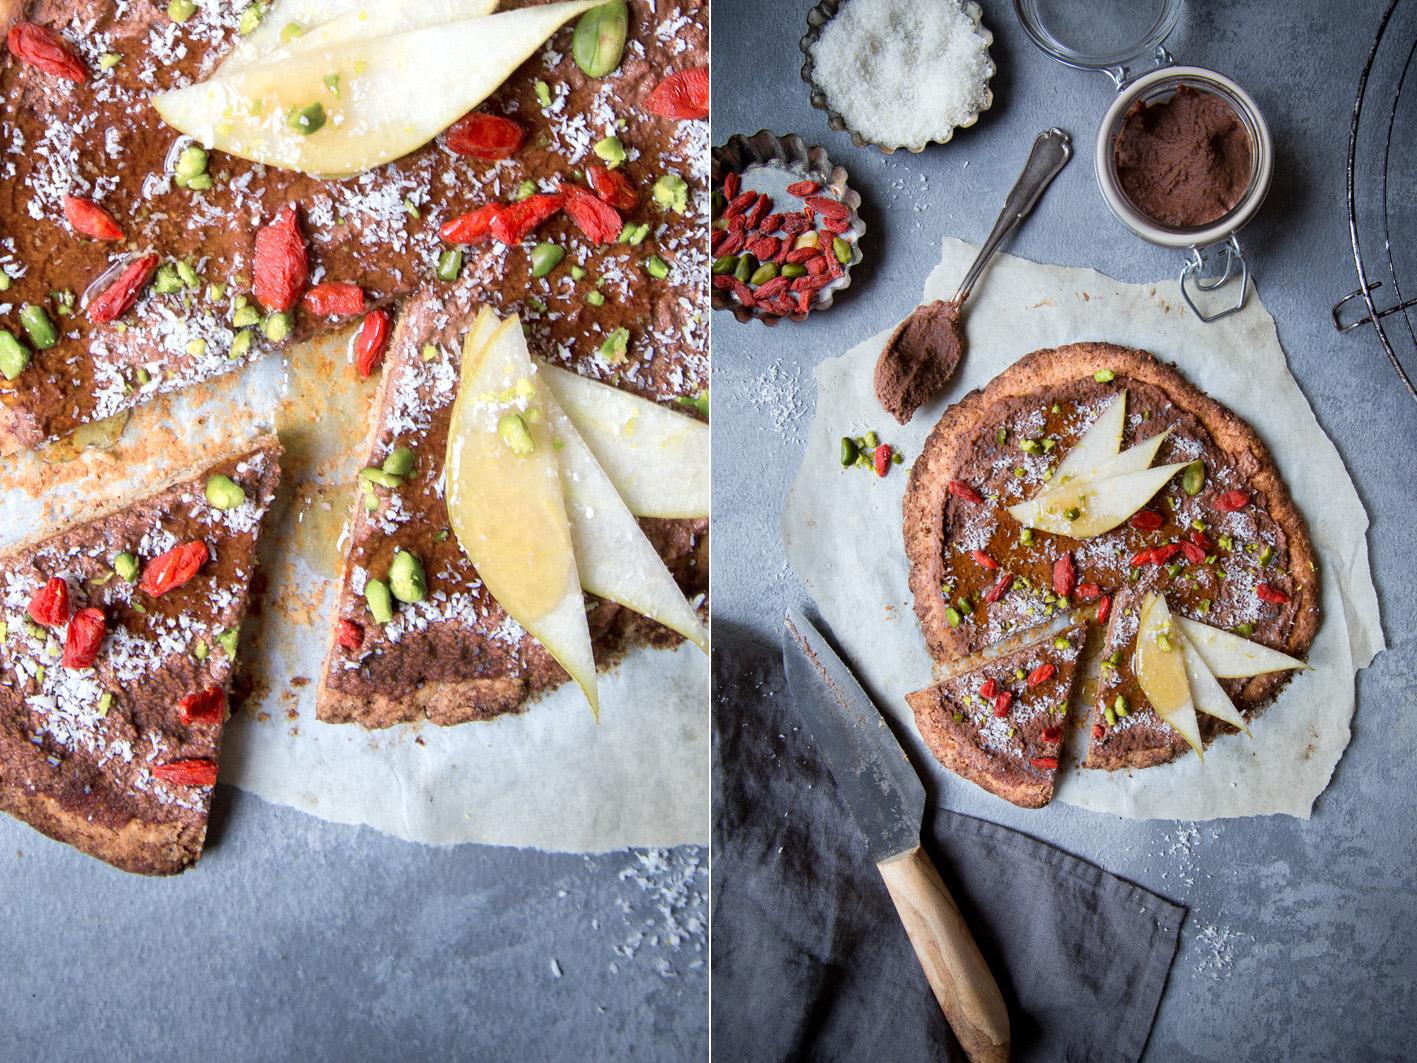 Süße Pizza mit Nusscreme und Keksboden